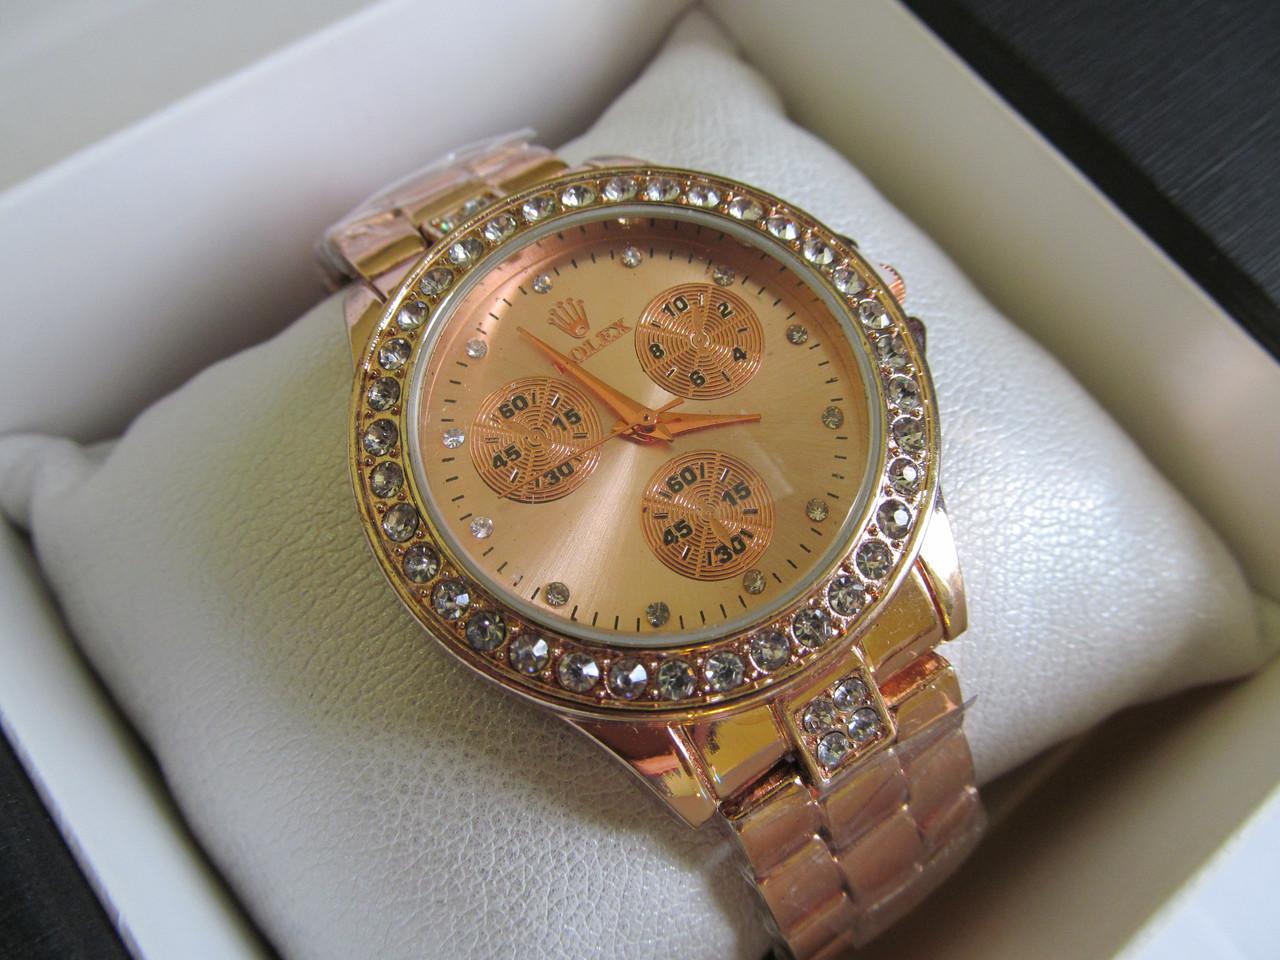 a6795264bb2d Женские наручные часы ROLEX под золото, Ролекс - Интернет-магазин